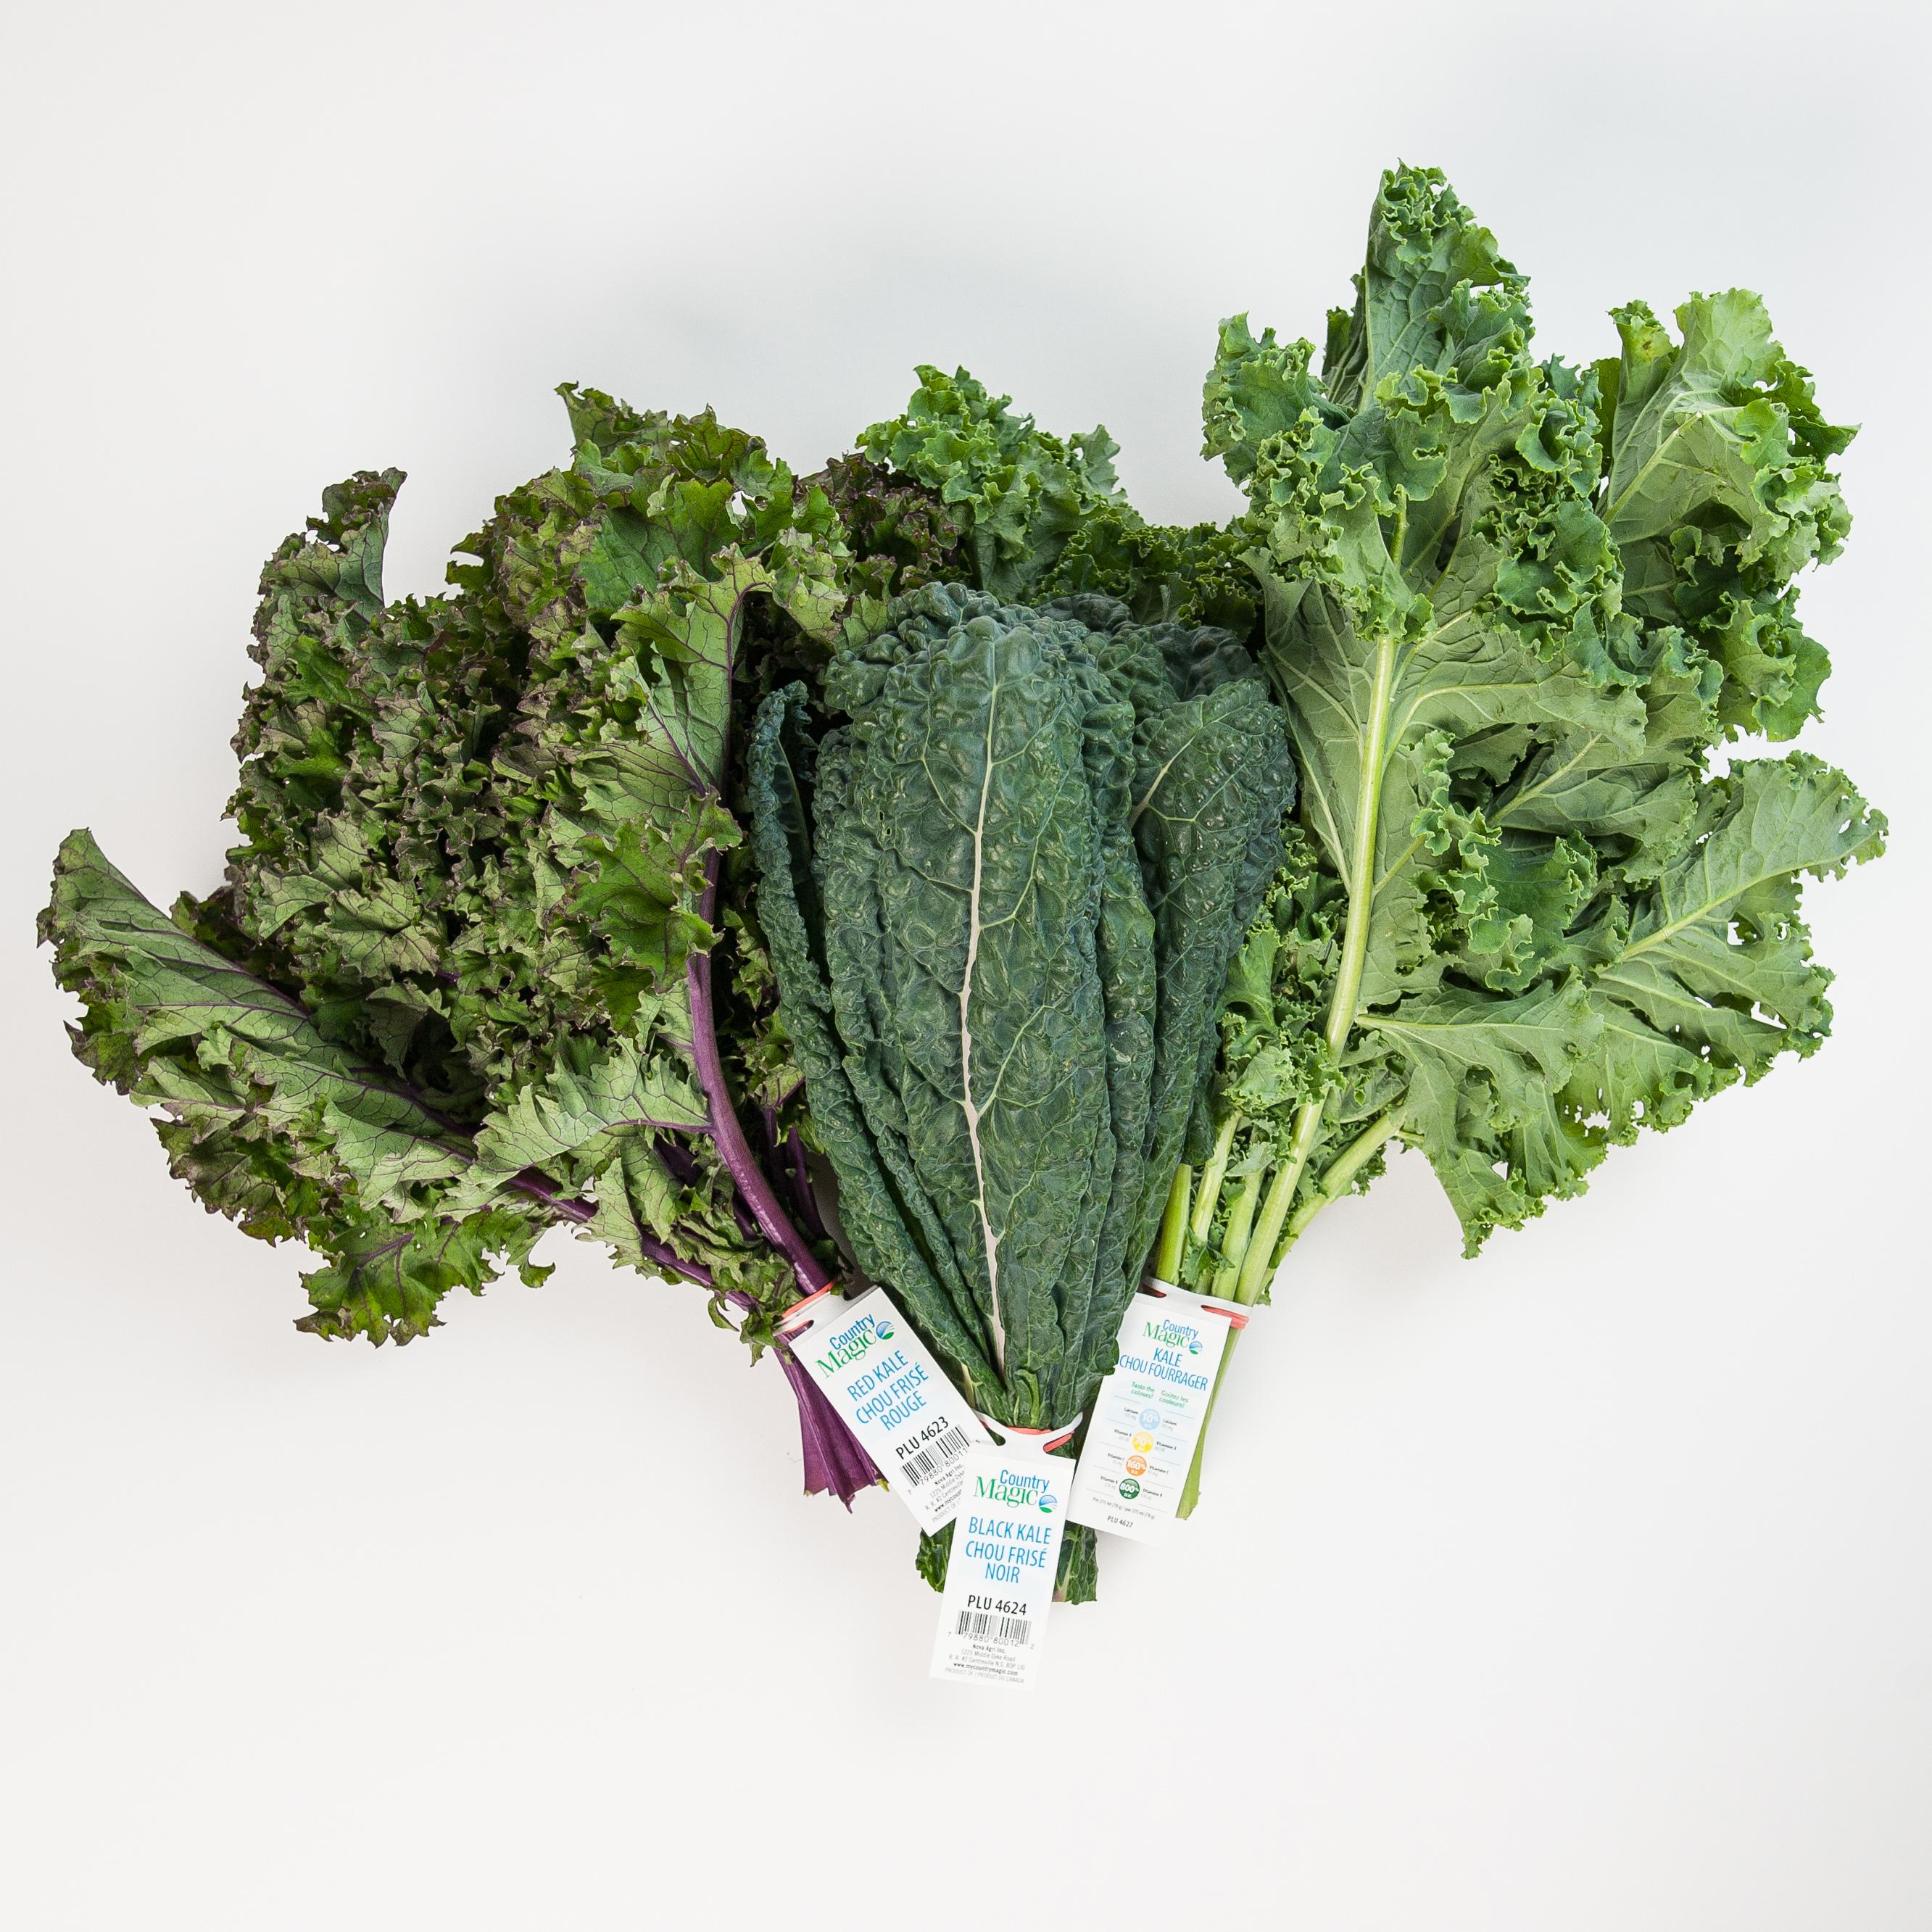 country magic group kale shot, black kale, red kale, green kale